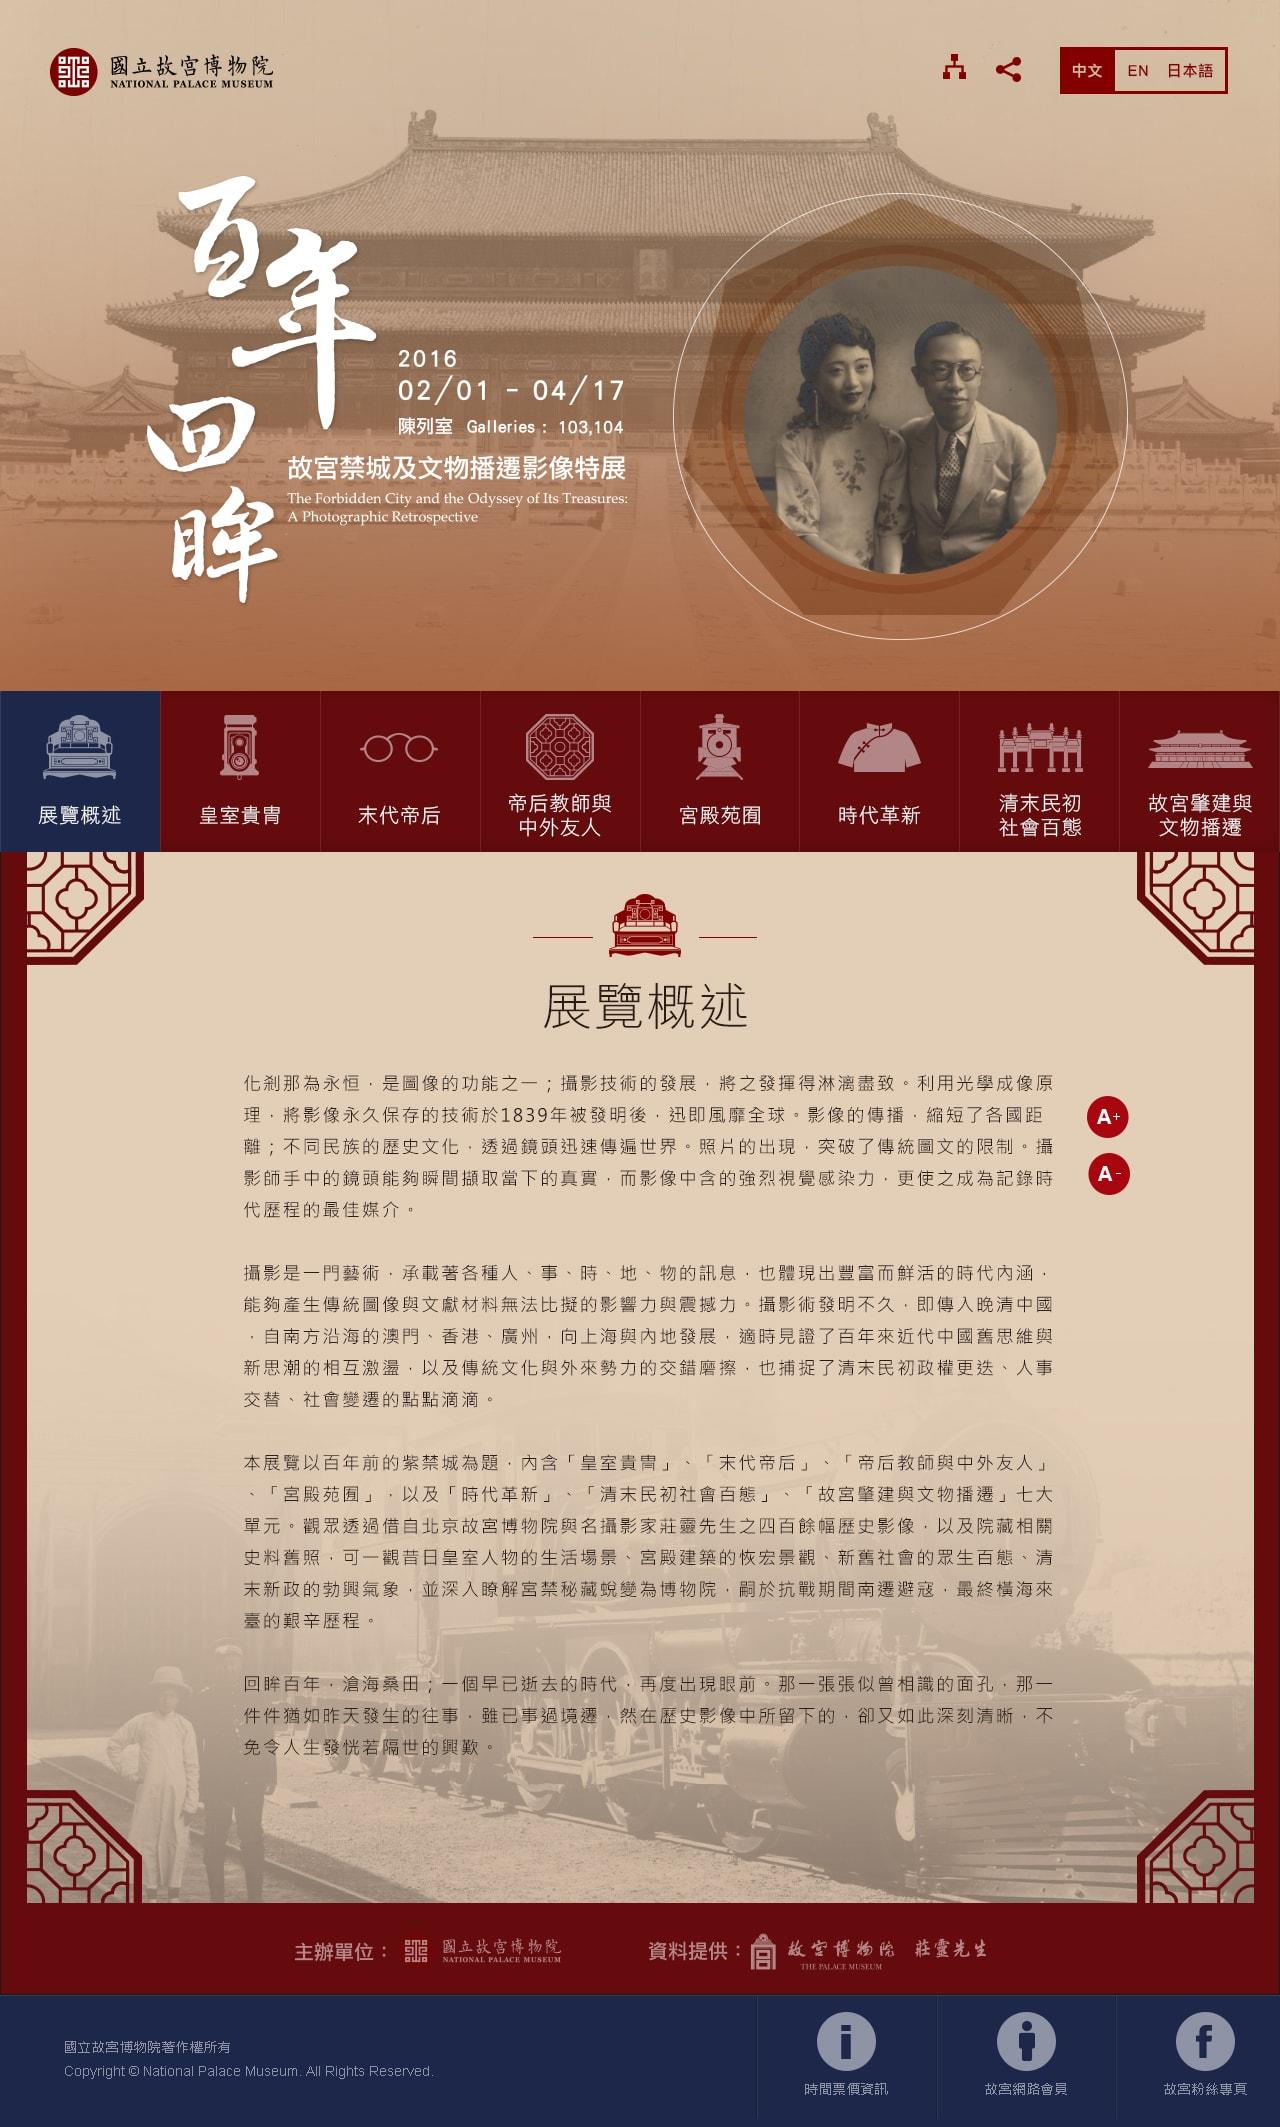 故宮-百年回眸主題網